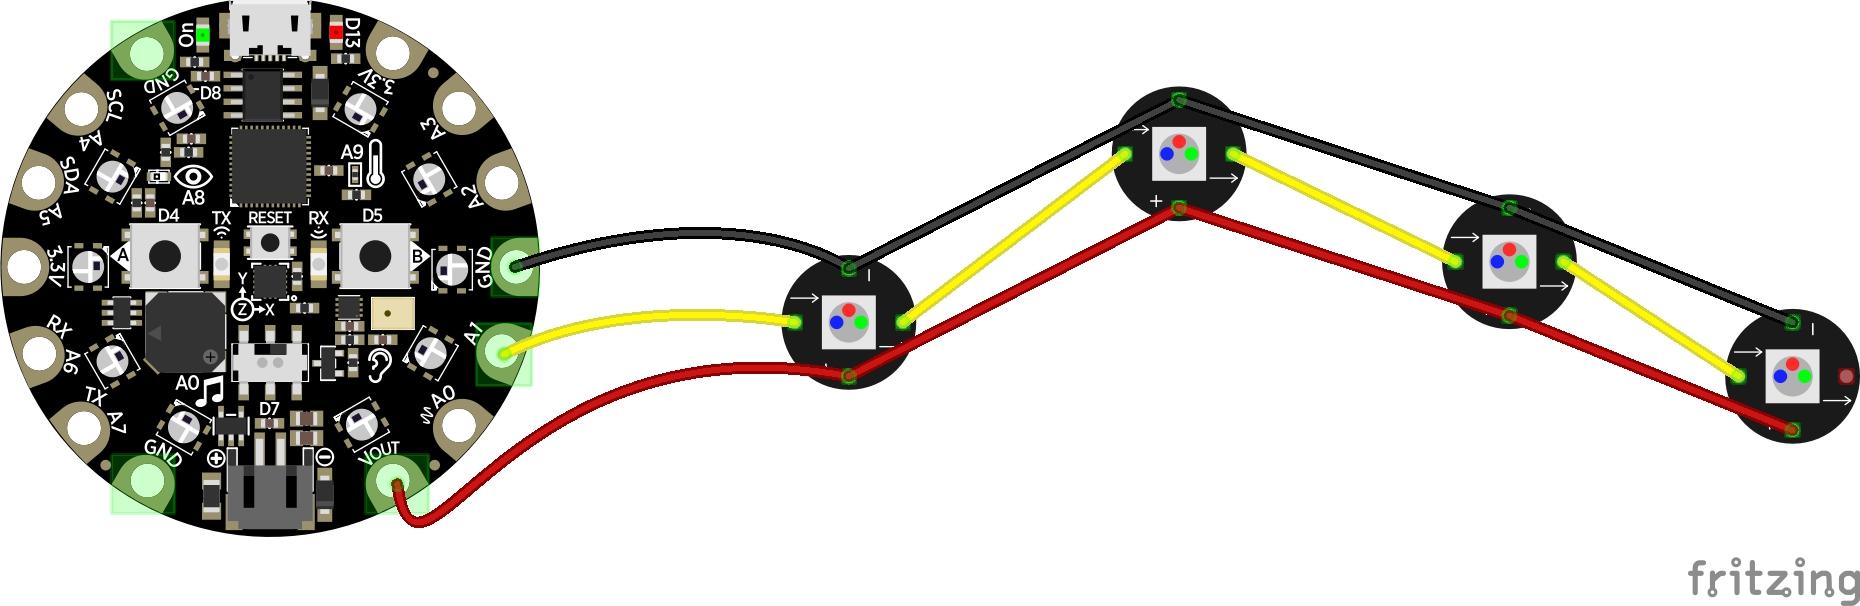 makecode_hanging_wiring_bb.jpg